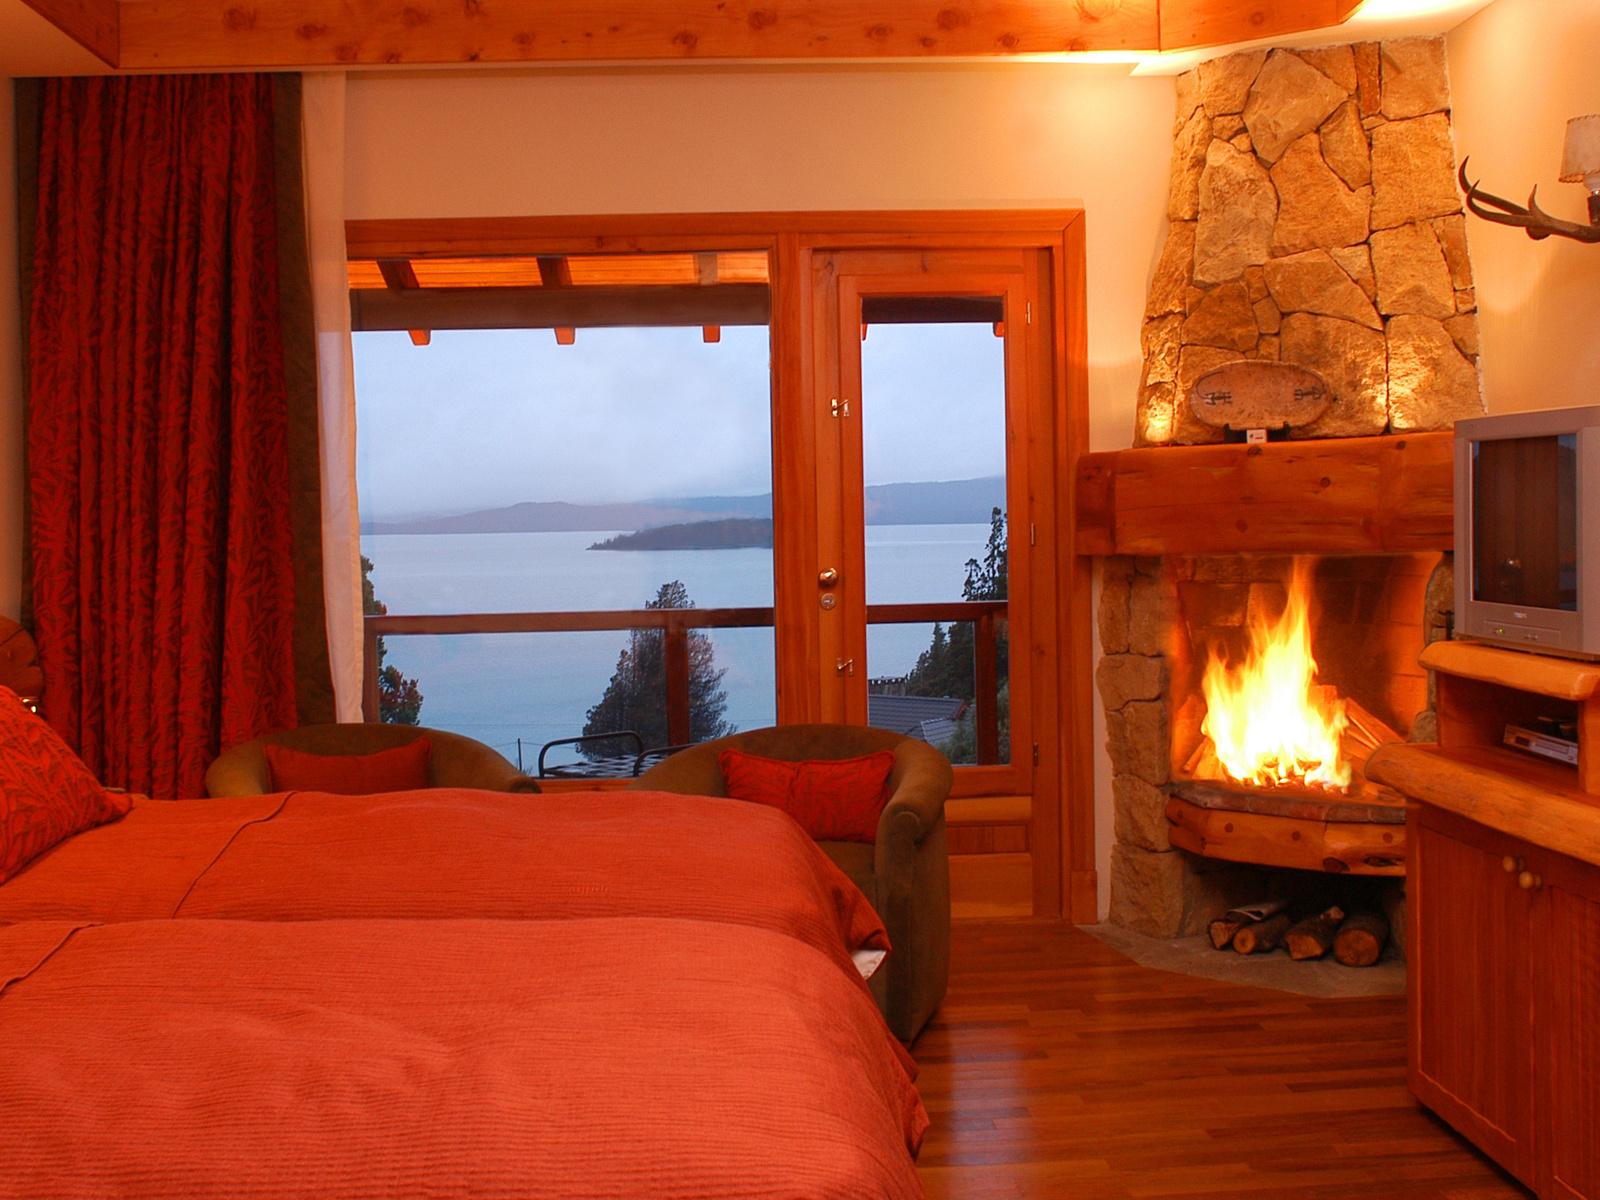 дом, Интерьер, стиль, коттедж, фазенда, комната, дизайн